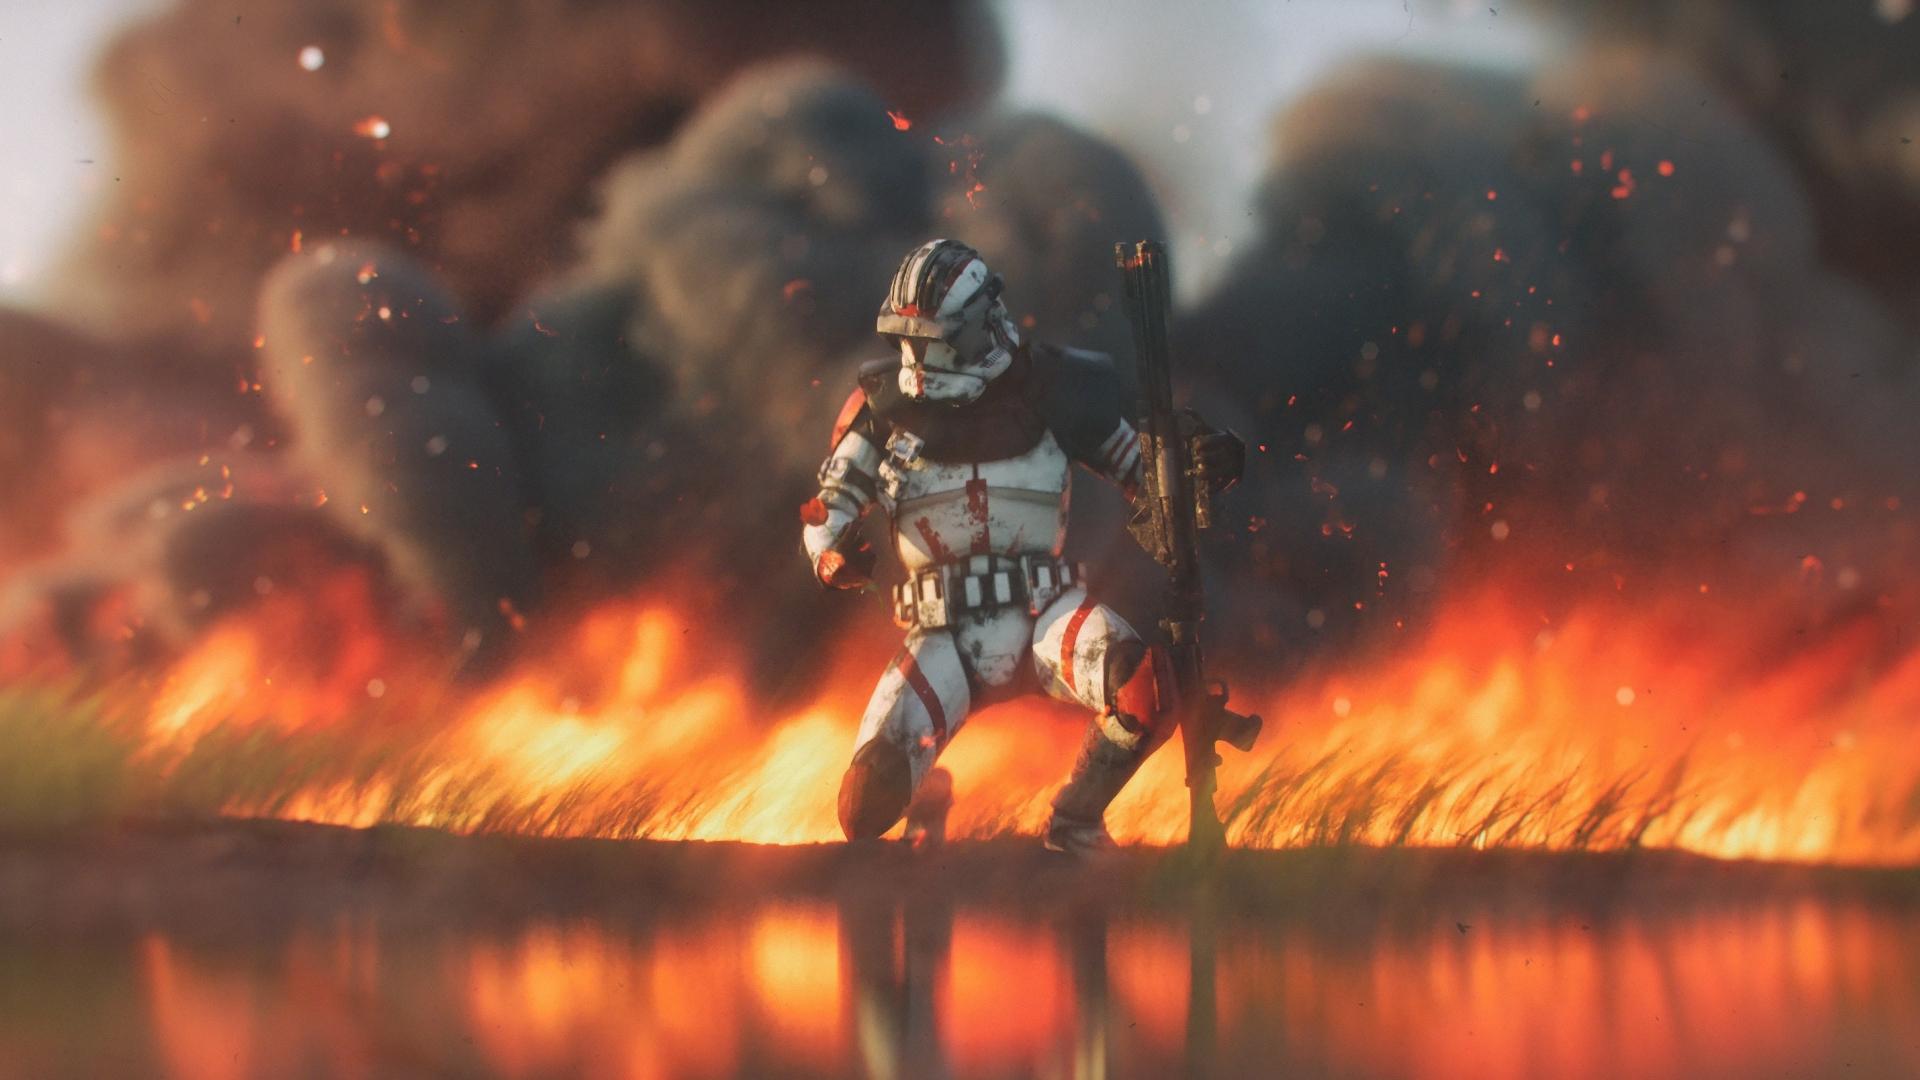 Download 1920x1080 Wallpaper Clone Trooper Star Wars Fire Full